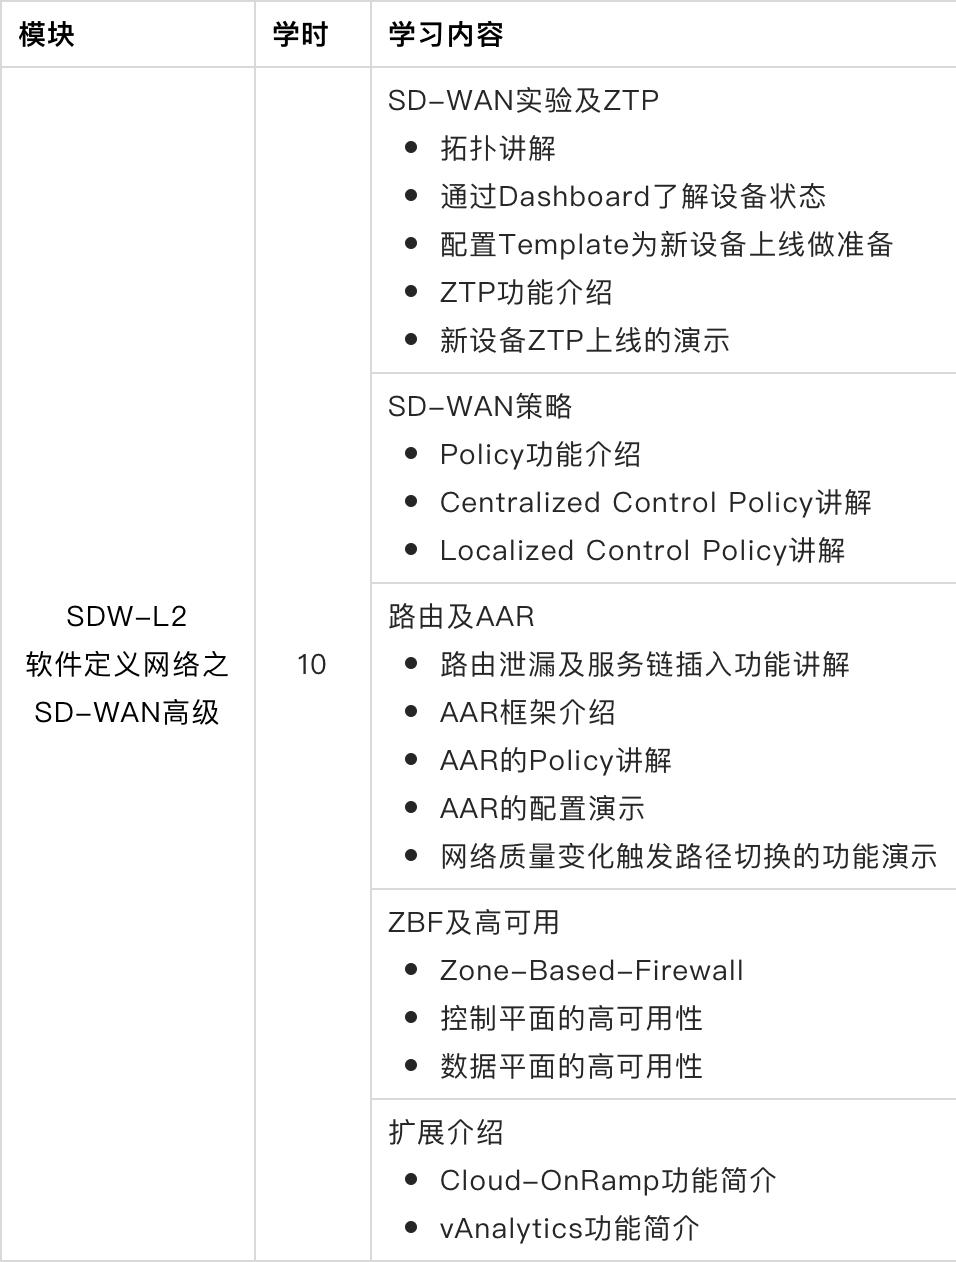 SDW-L2软件定义网络之SD-WAN高级